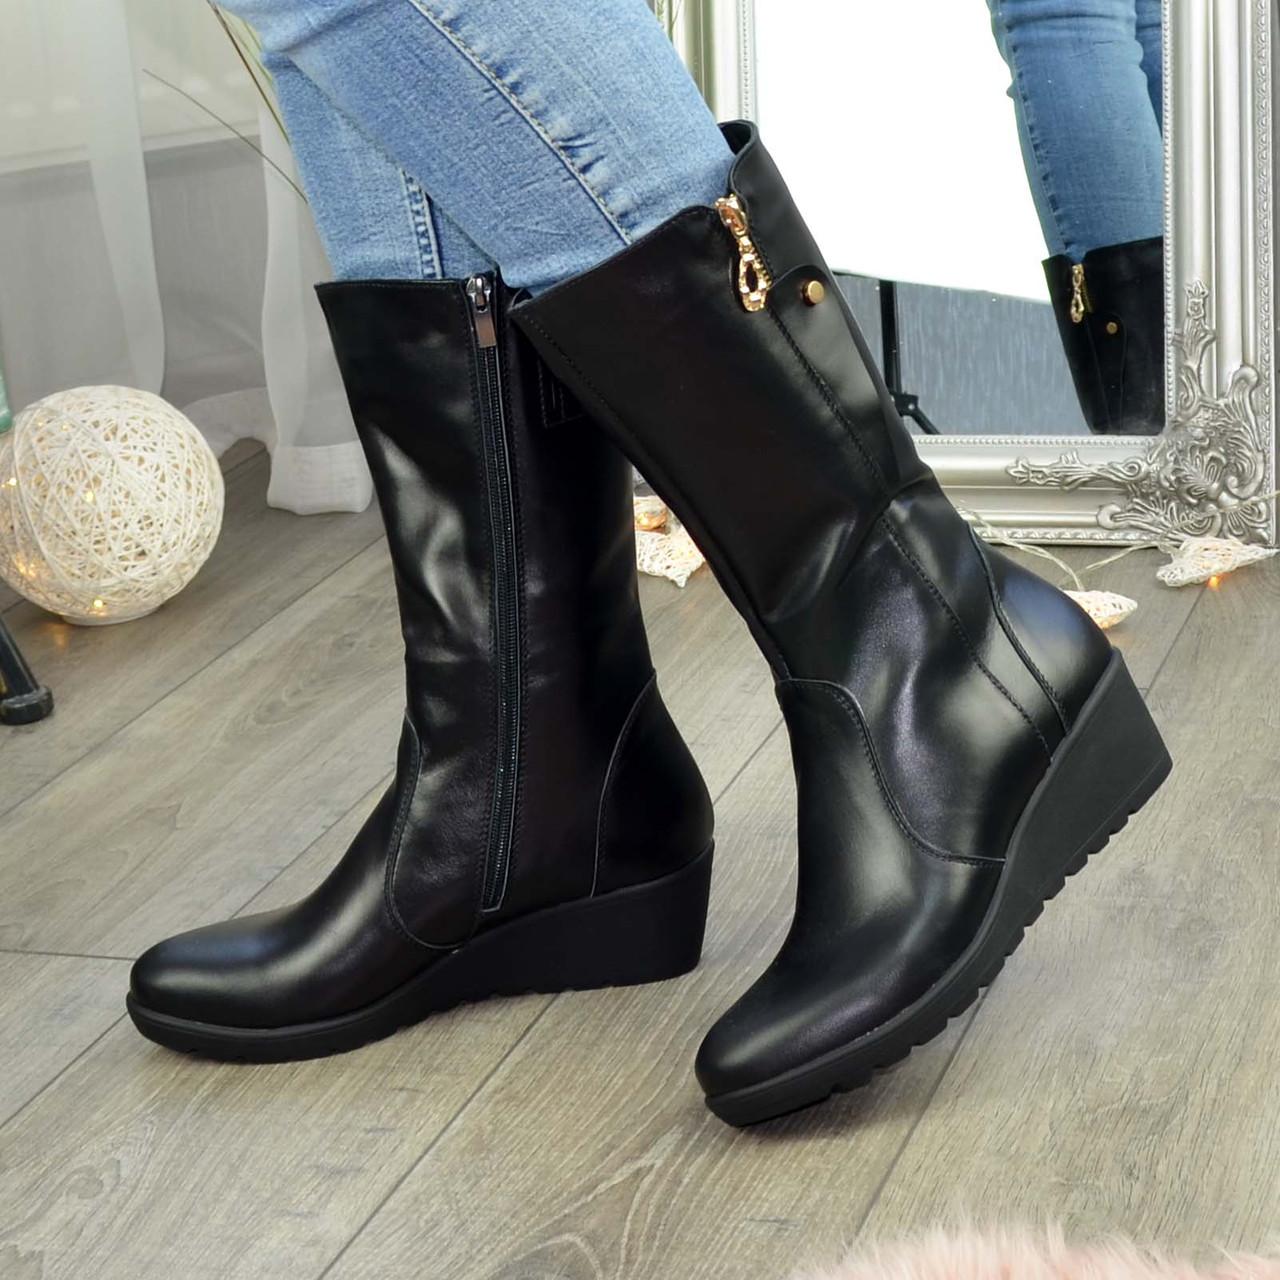 Жіночі демісезонні черевики на невисокій платформі, натуральна чорна шкіра